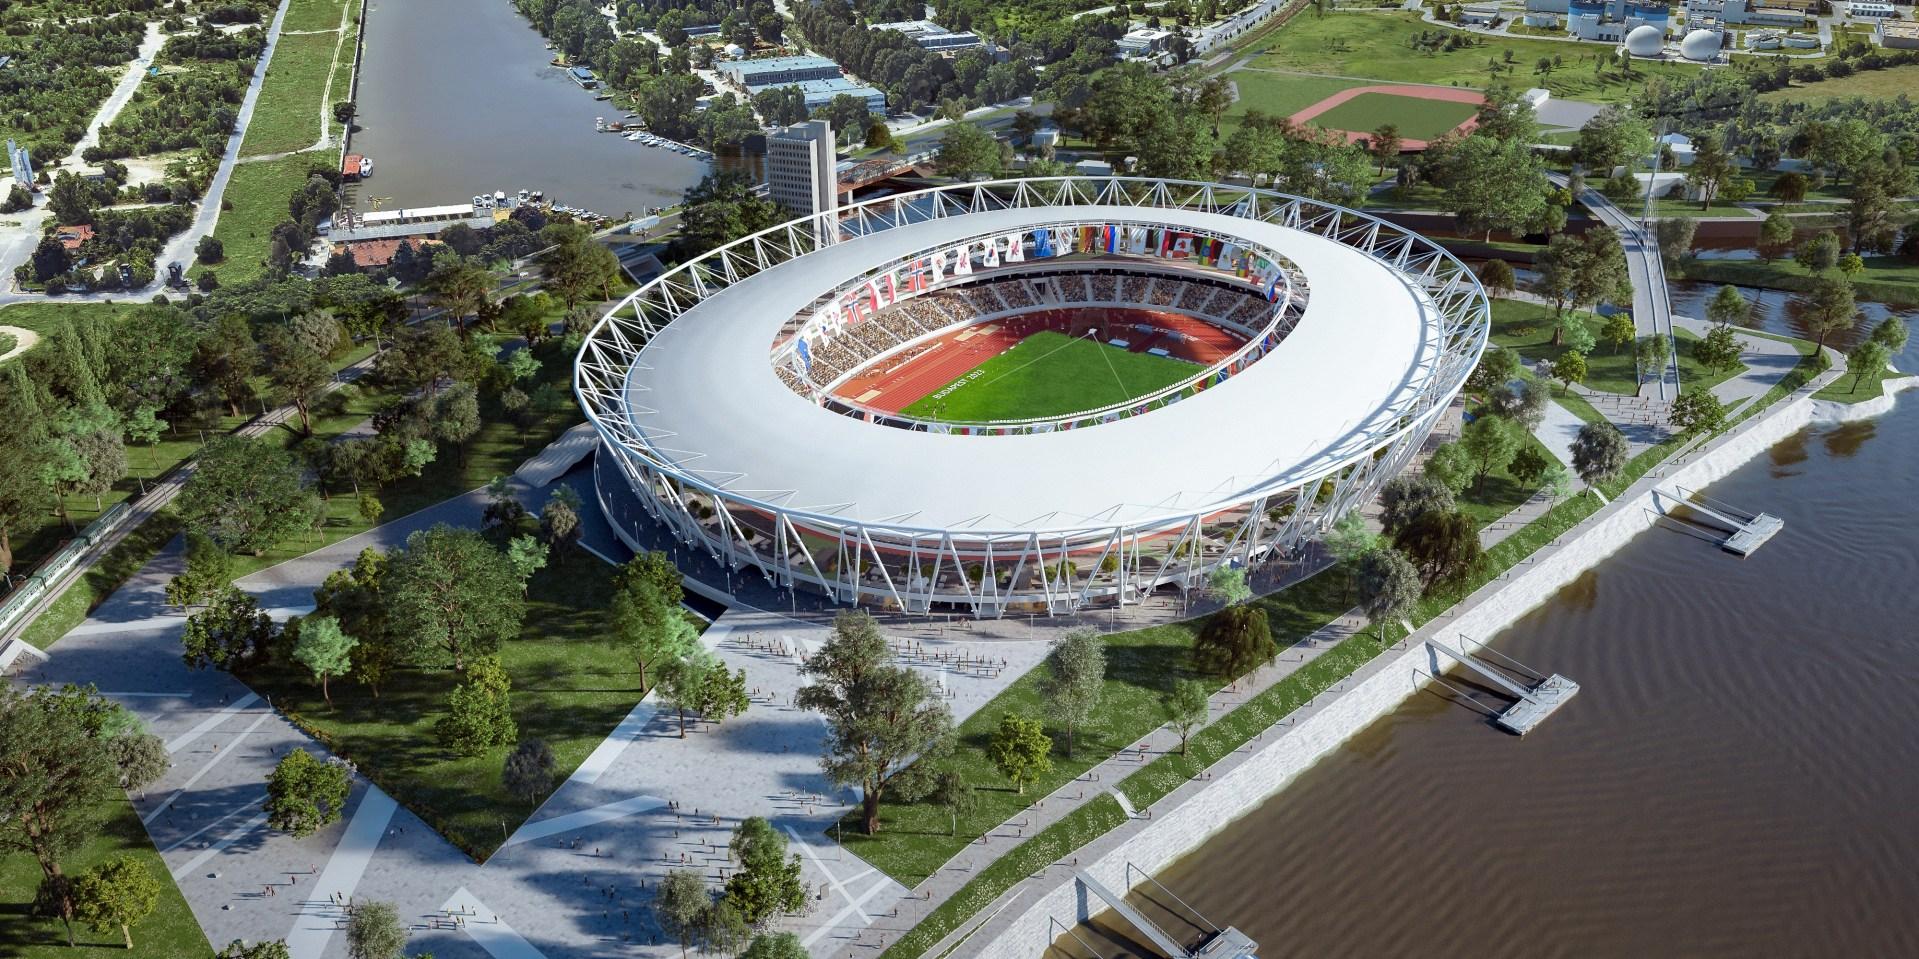 Fürjesék szerint továbbra is az a terv, hogy elbontható lesz az atlétikai stadion lelátóinak jelentős része